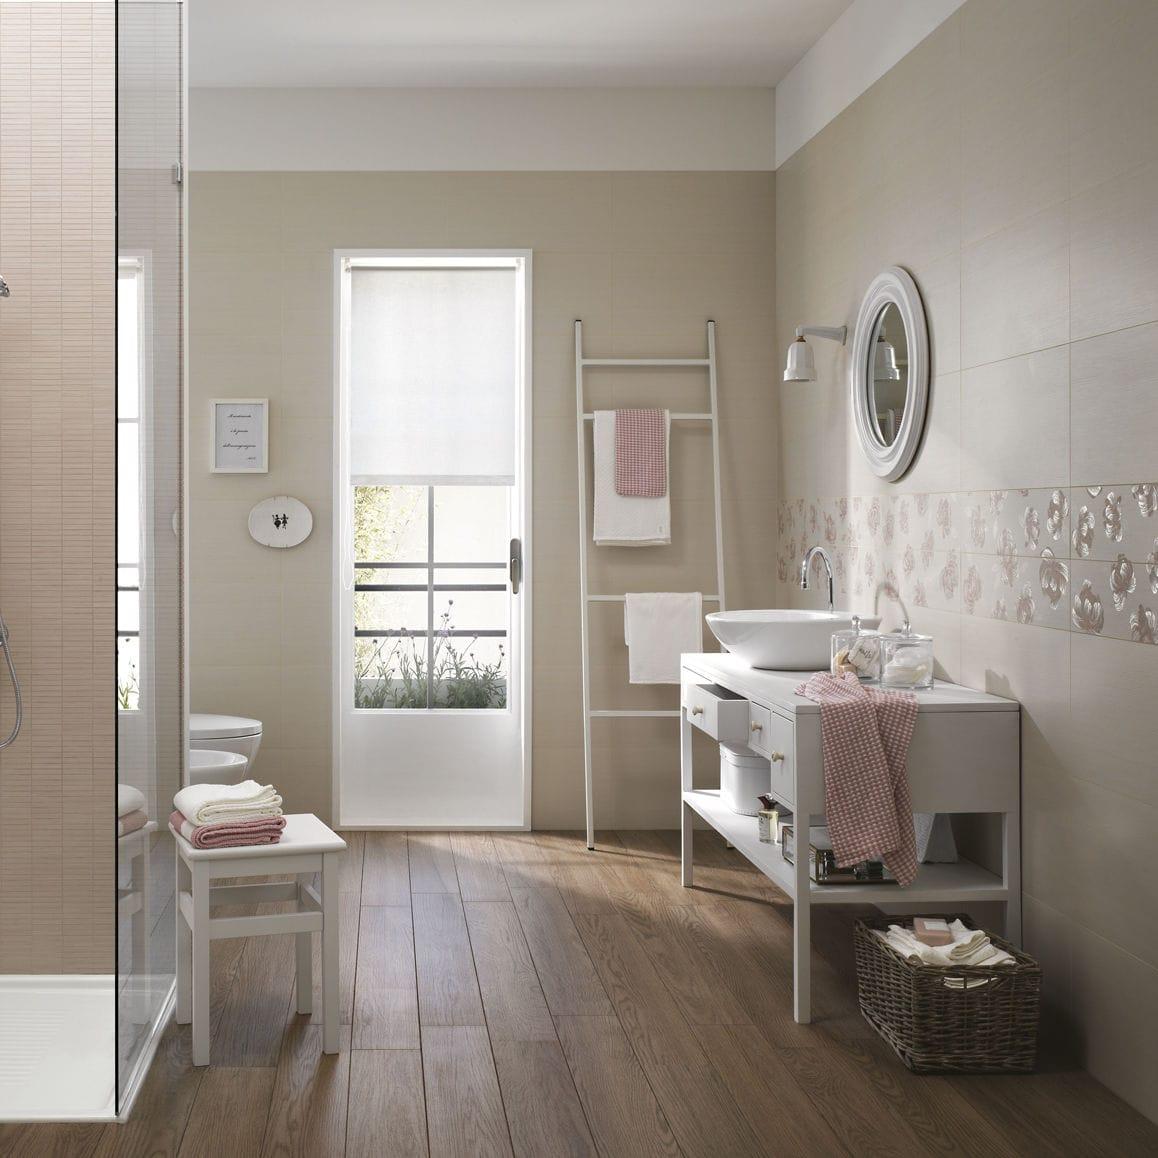 Salle De Bain Motif carrelage de salle de bain / mural / en céramique / à motif